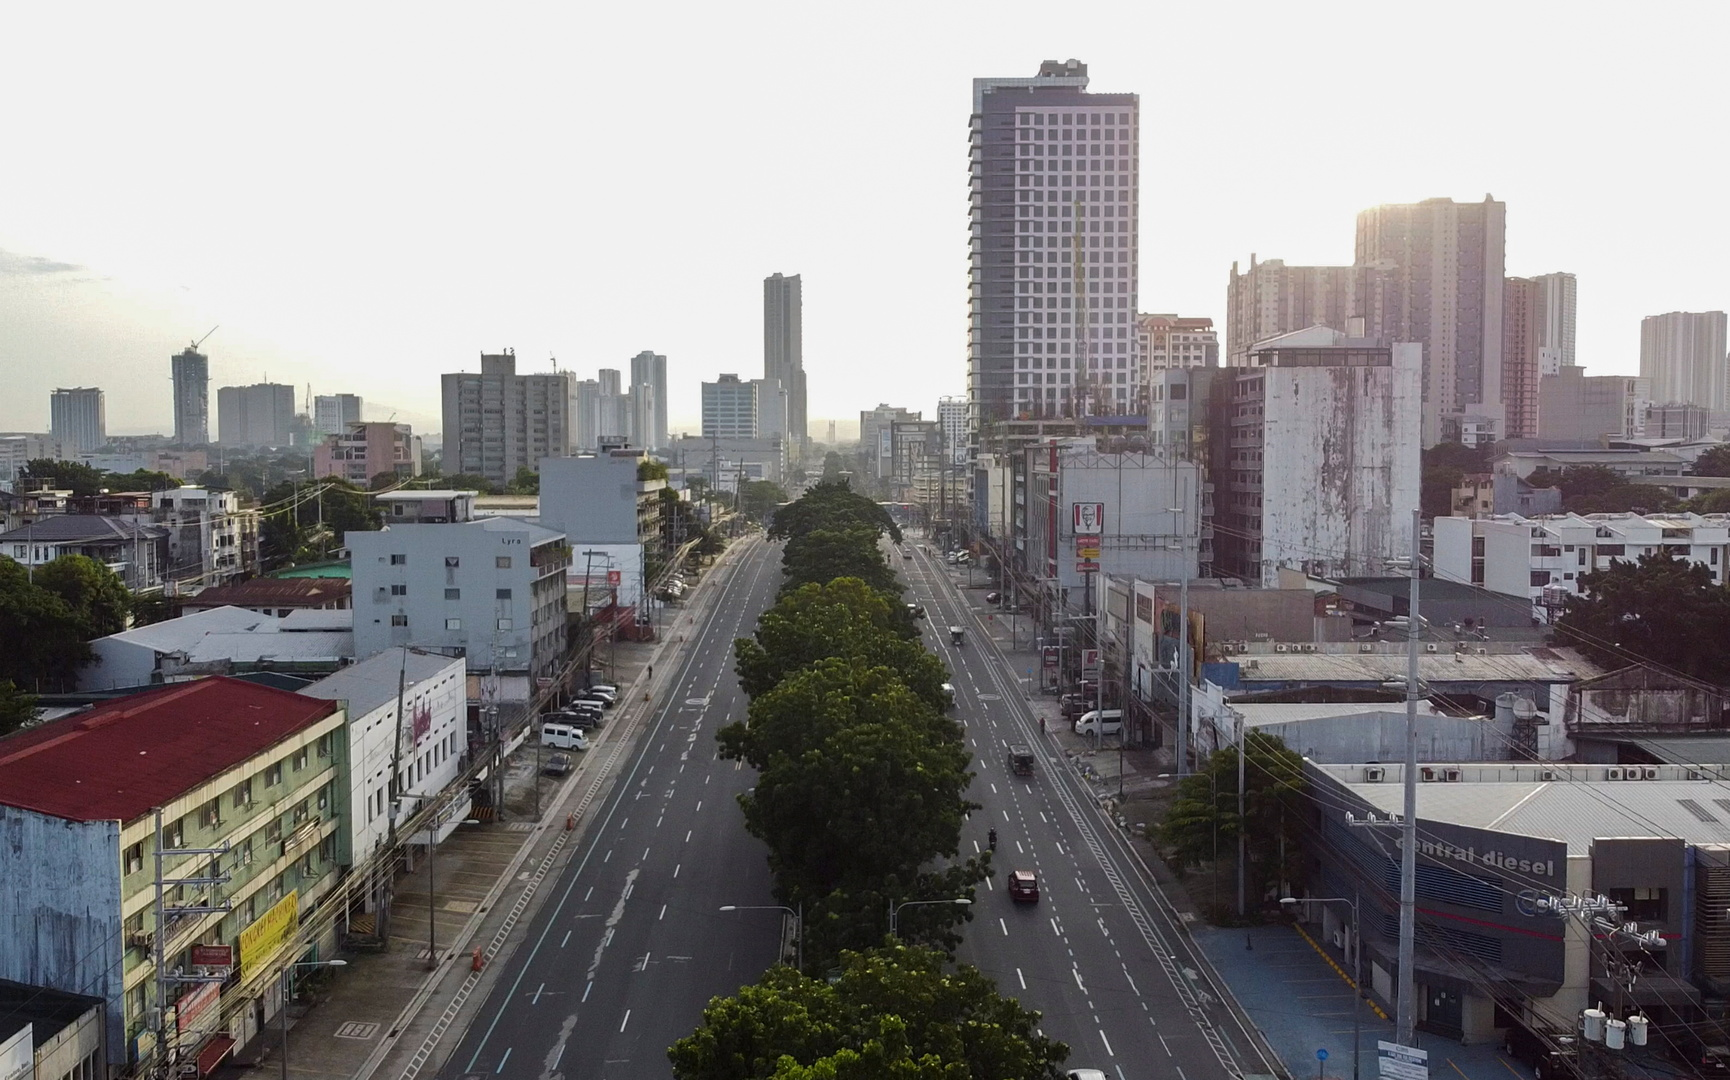 الفلبين: اقتصادنا يحتاج إلى أكثر من 10 سنوات للتعافي من تأثير جائحة كورونا